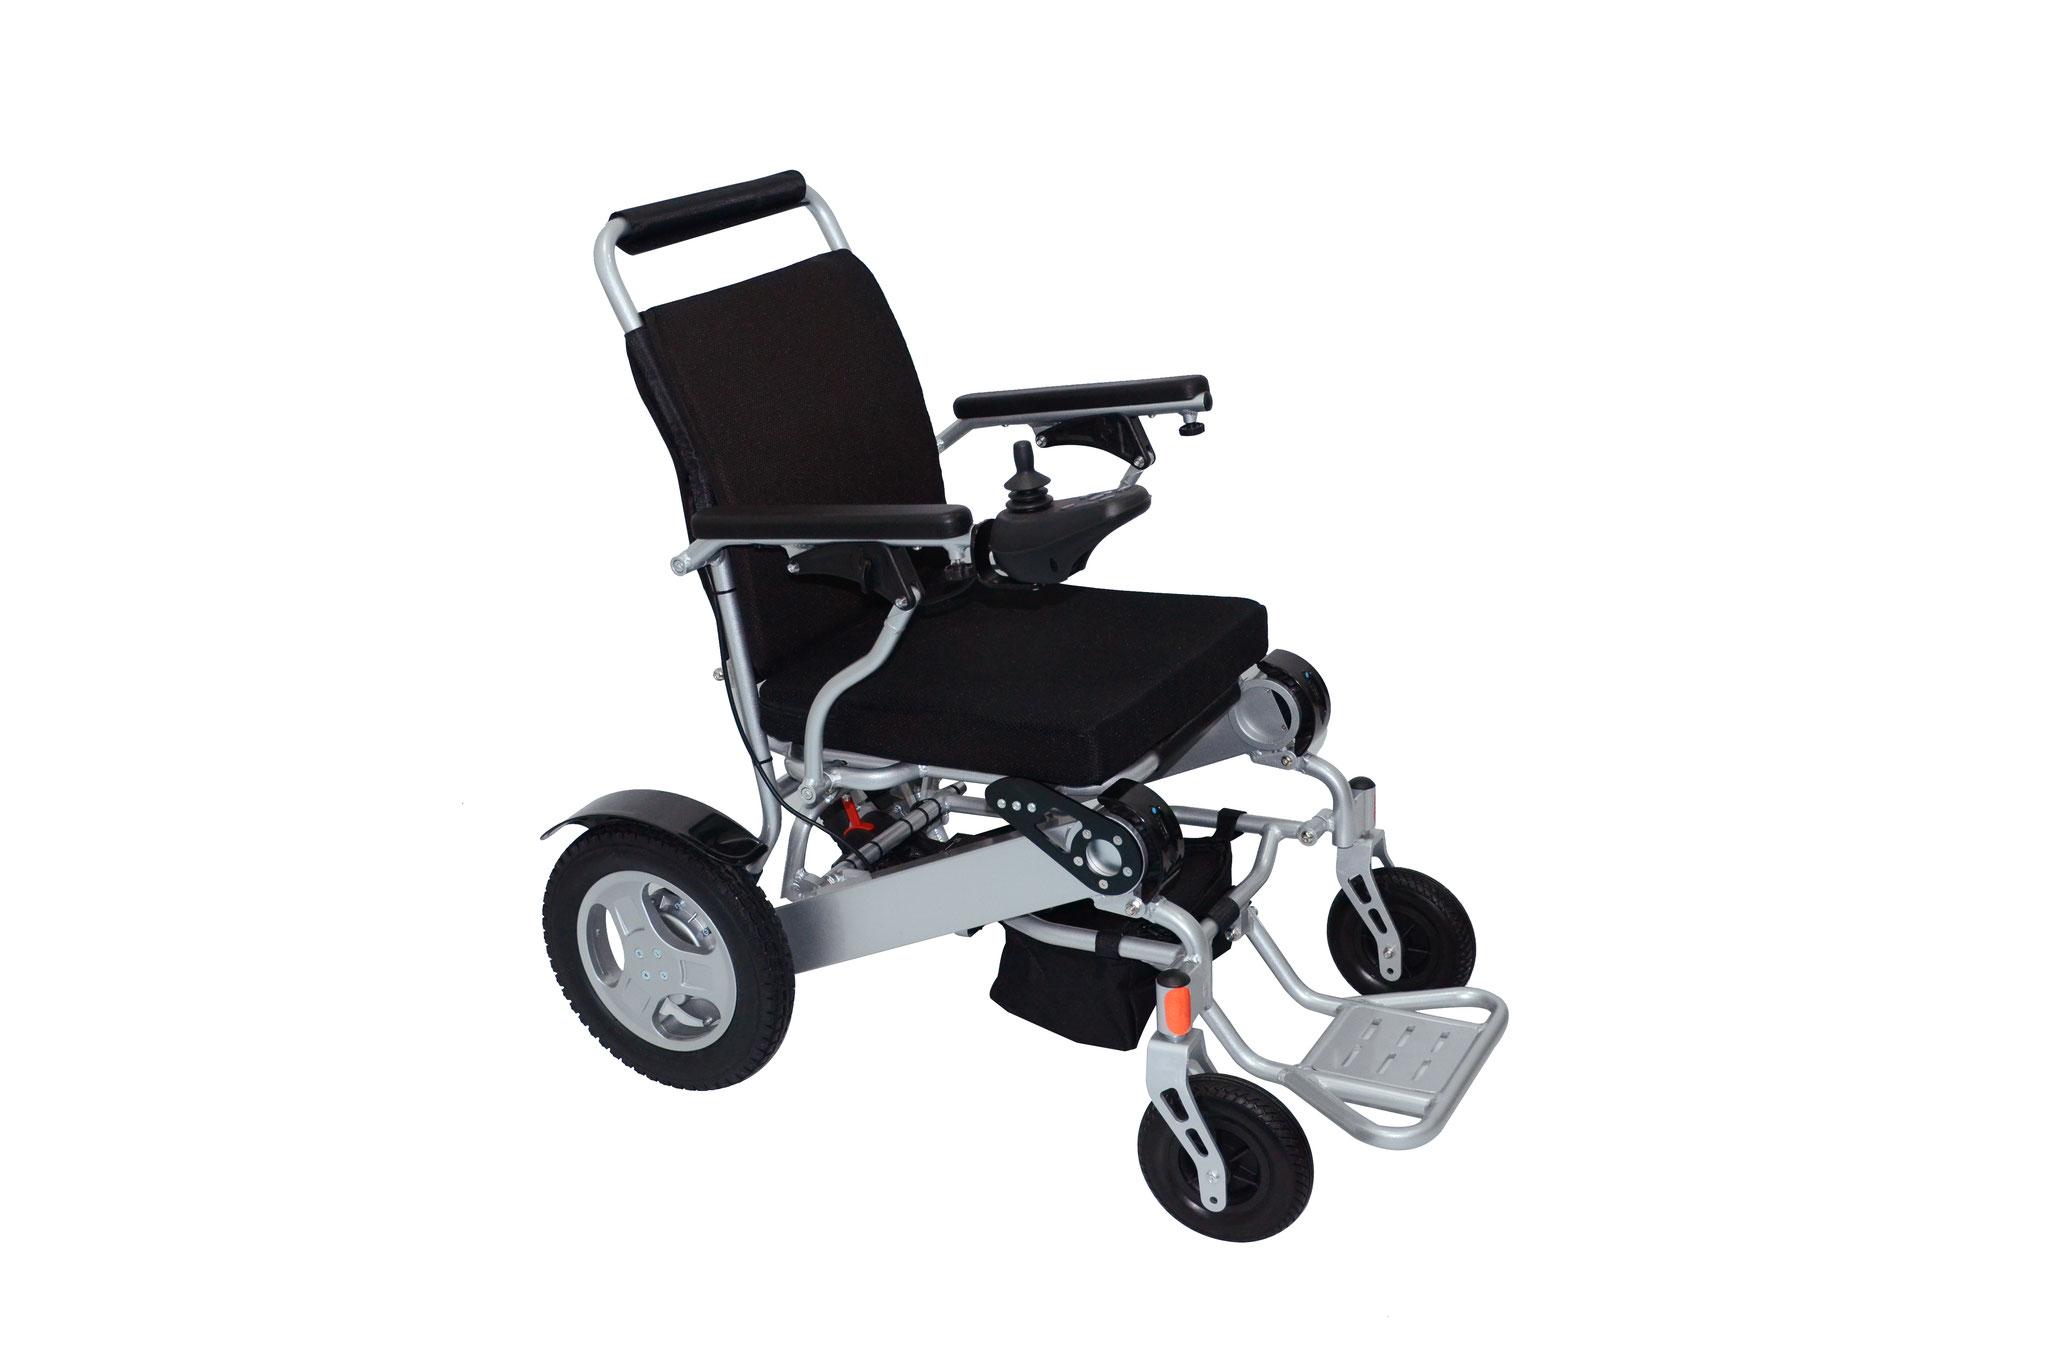 Ob zu Hause oder auf dem Weg zum Supermarkt - die E-Rollstühle sind universell einsetzbar. Sollte es draußen auch mal auf und ab gehen, stellt dies kein Problem dar.